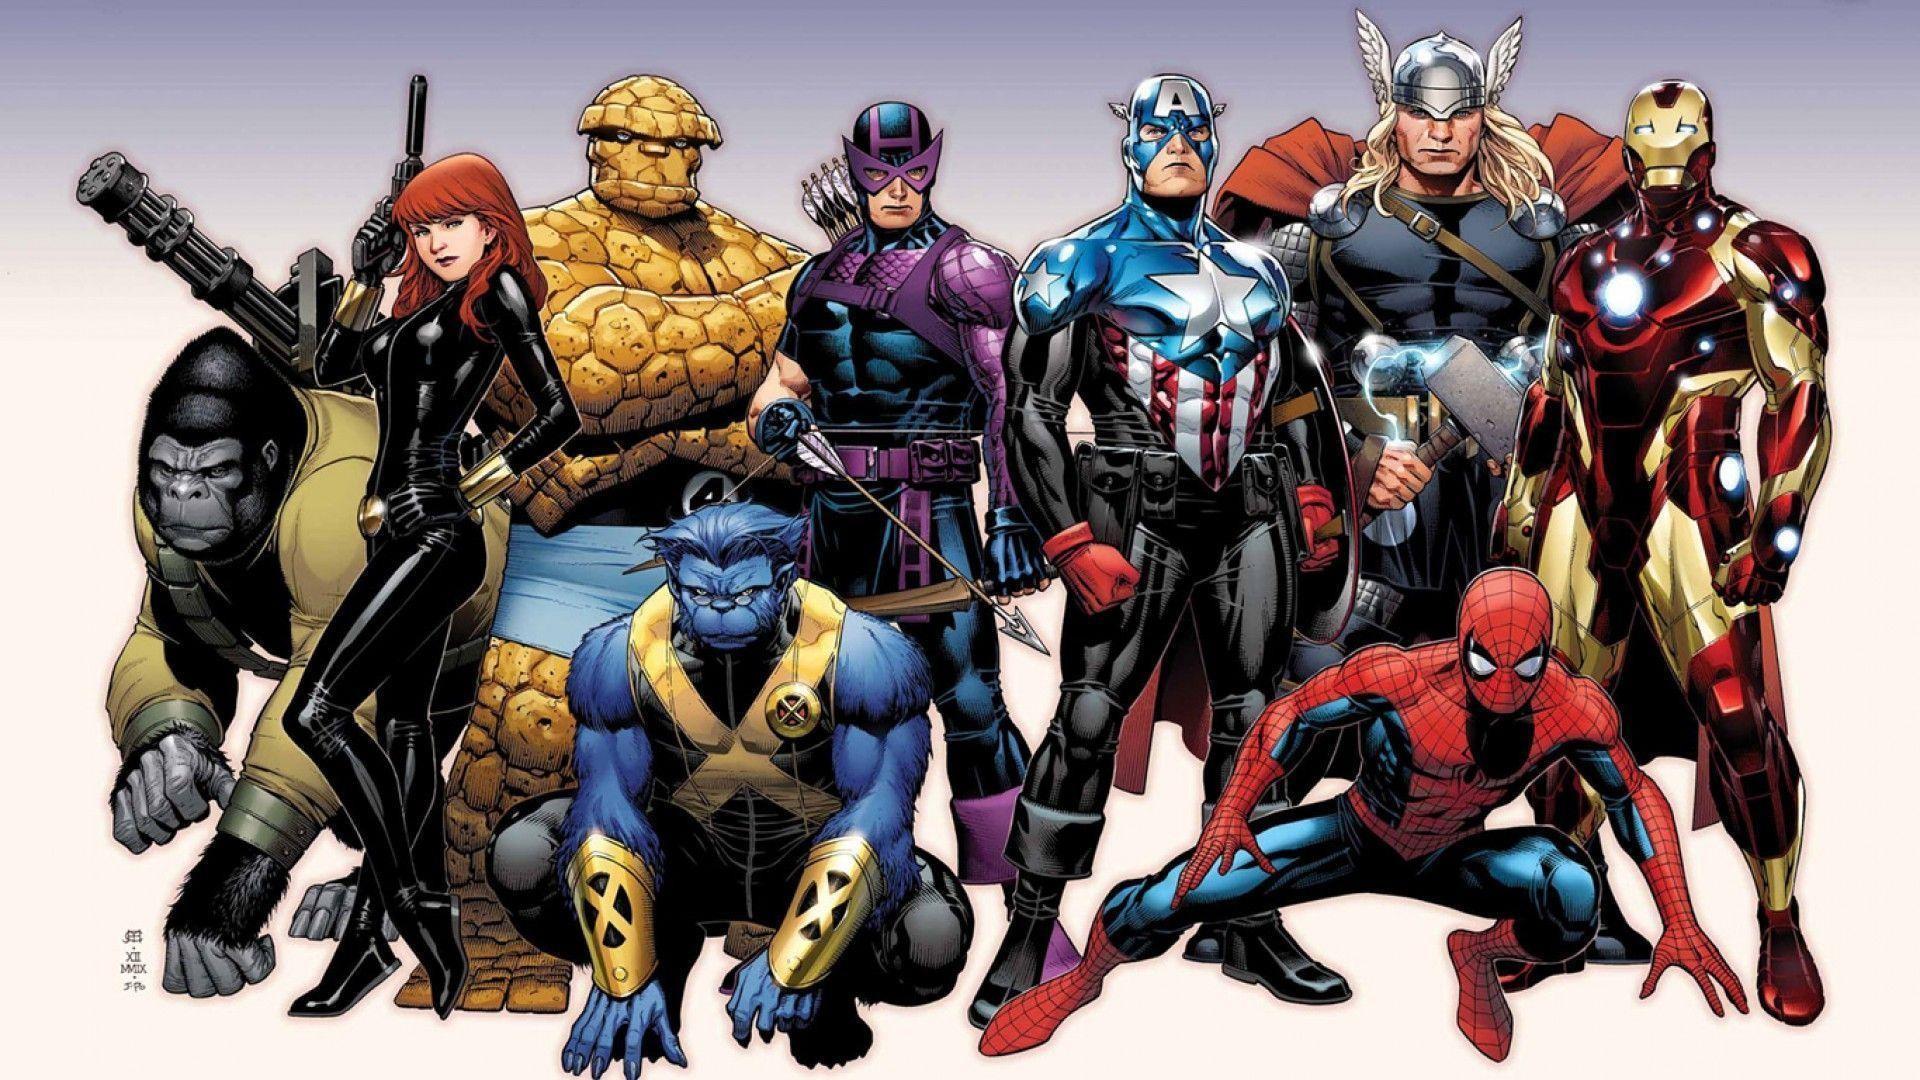 Amazing Wallpaper Marvel Variant - 798505-download-marvel-comics-wallpaper-1920x1080-computer  Pic_904973.jpg